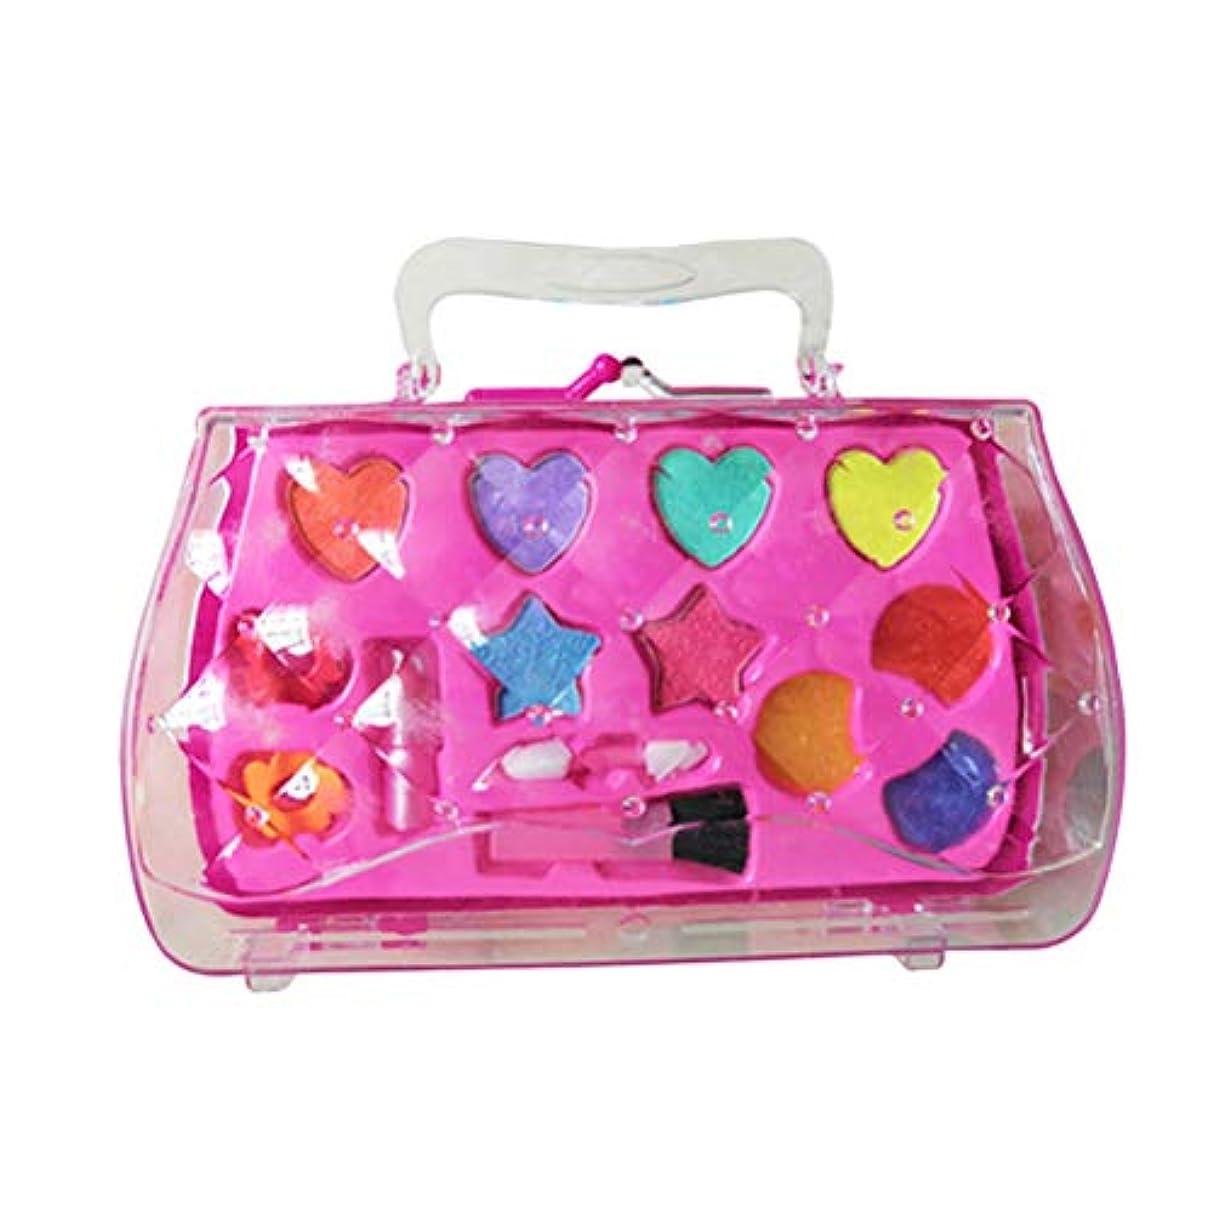 パフ証拠コカインToyvian 女の子はおもちゃのセットを作る化粧品キットの口紅アイシャドーブラシ子供のためのおもちゃを作る女の子(ピンク)